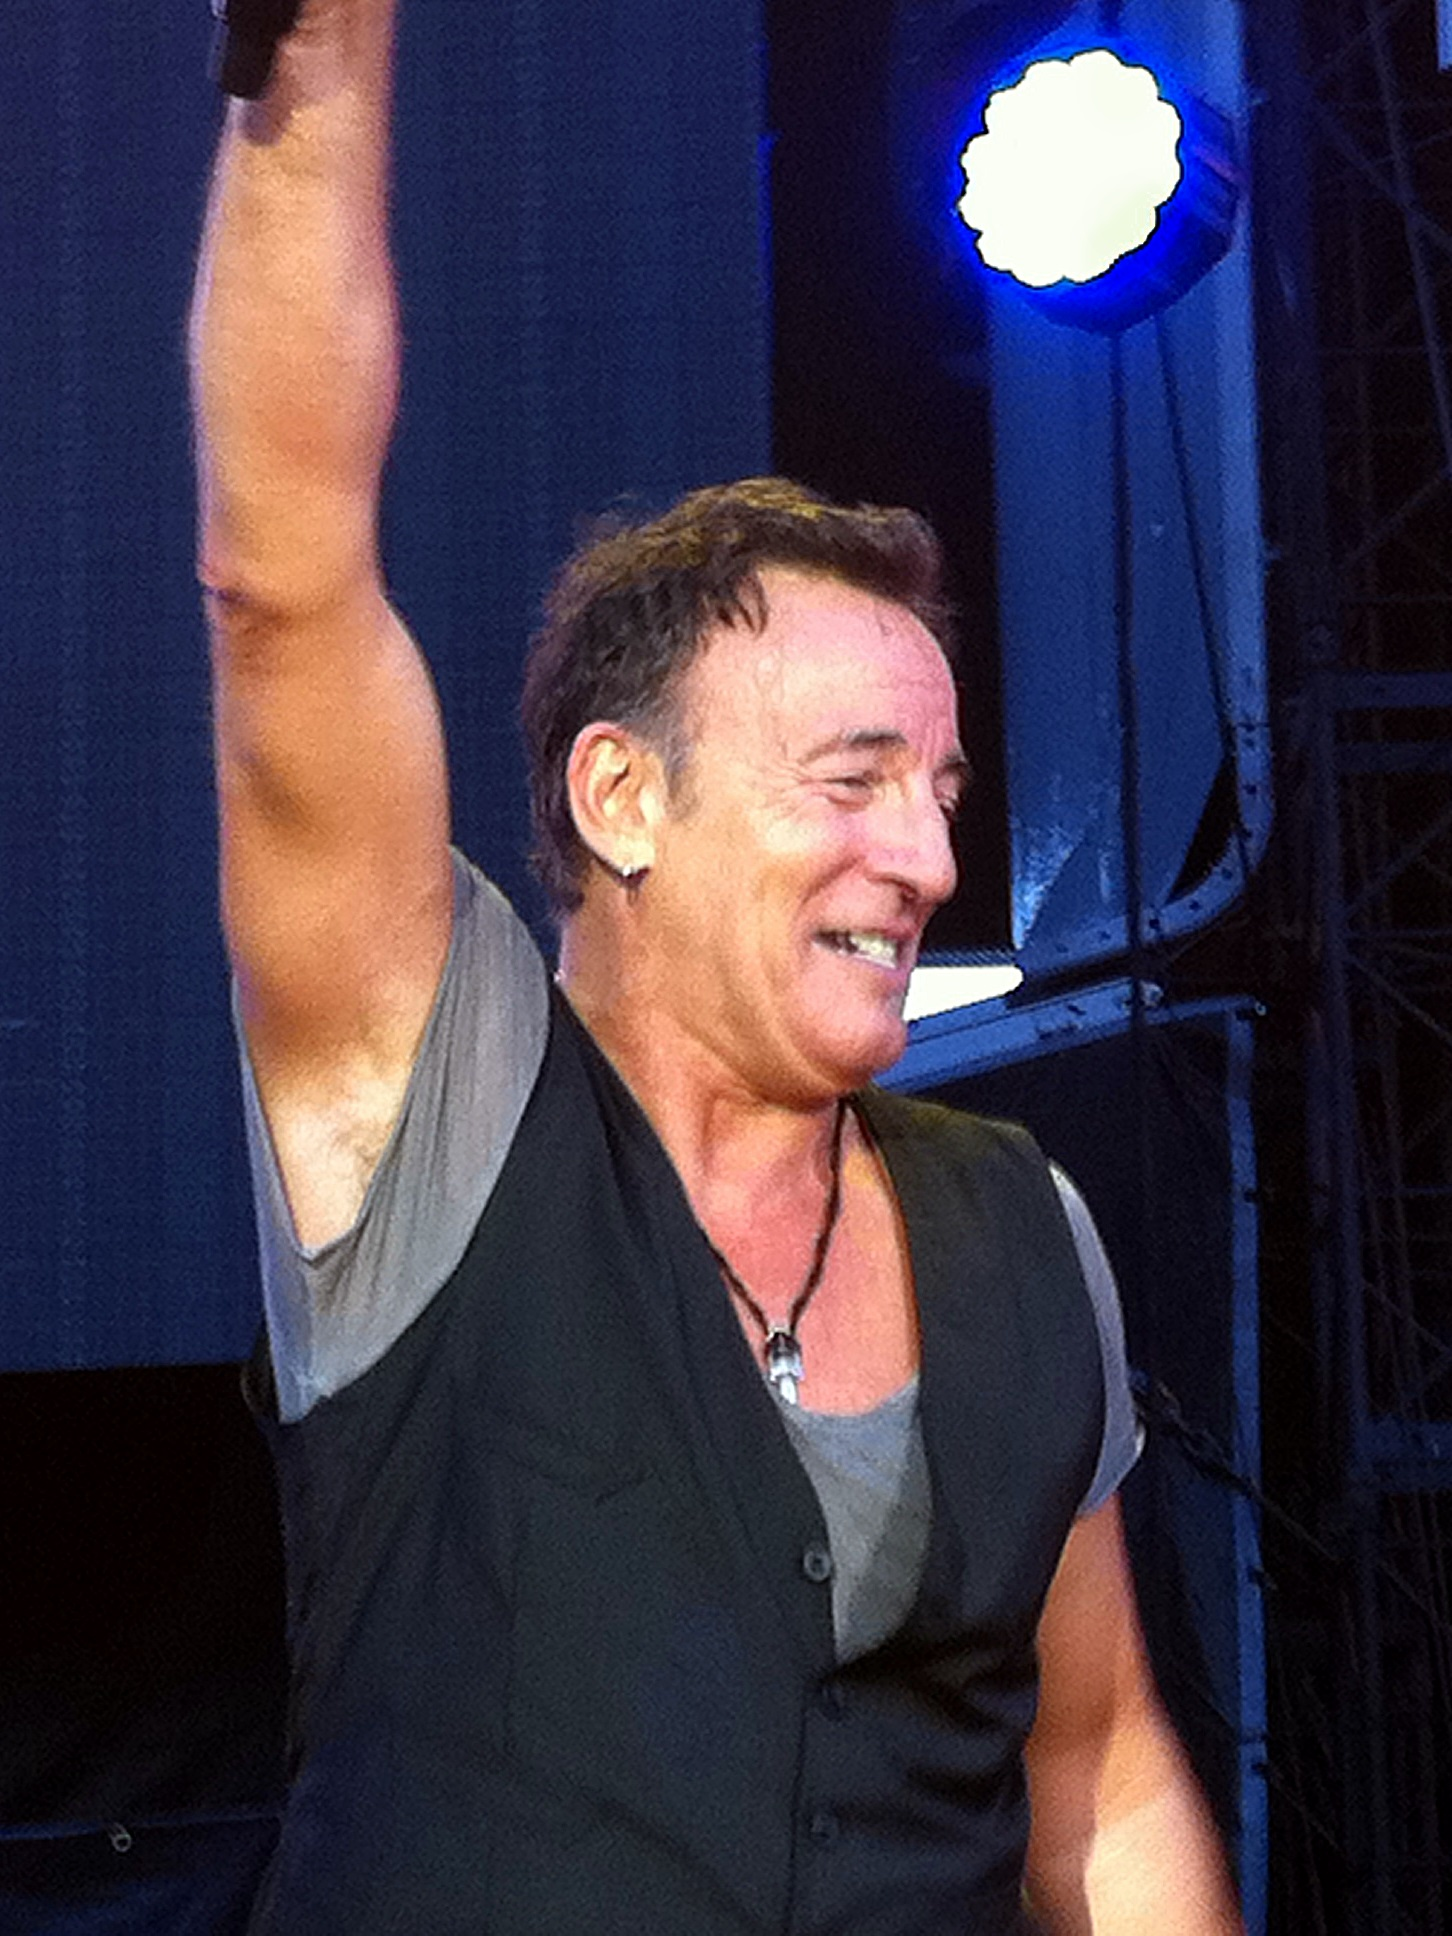 Picture taken at concert in Zurich 2012